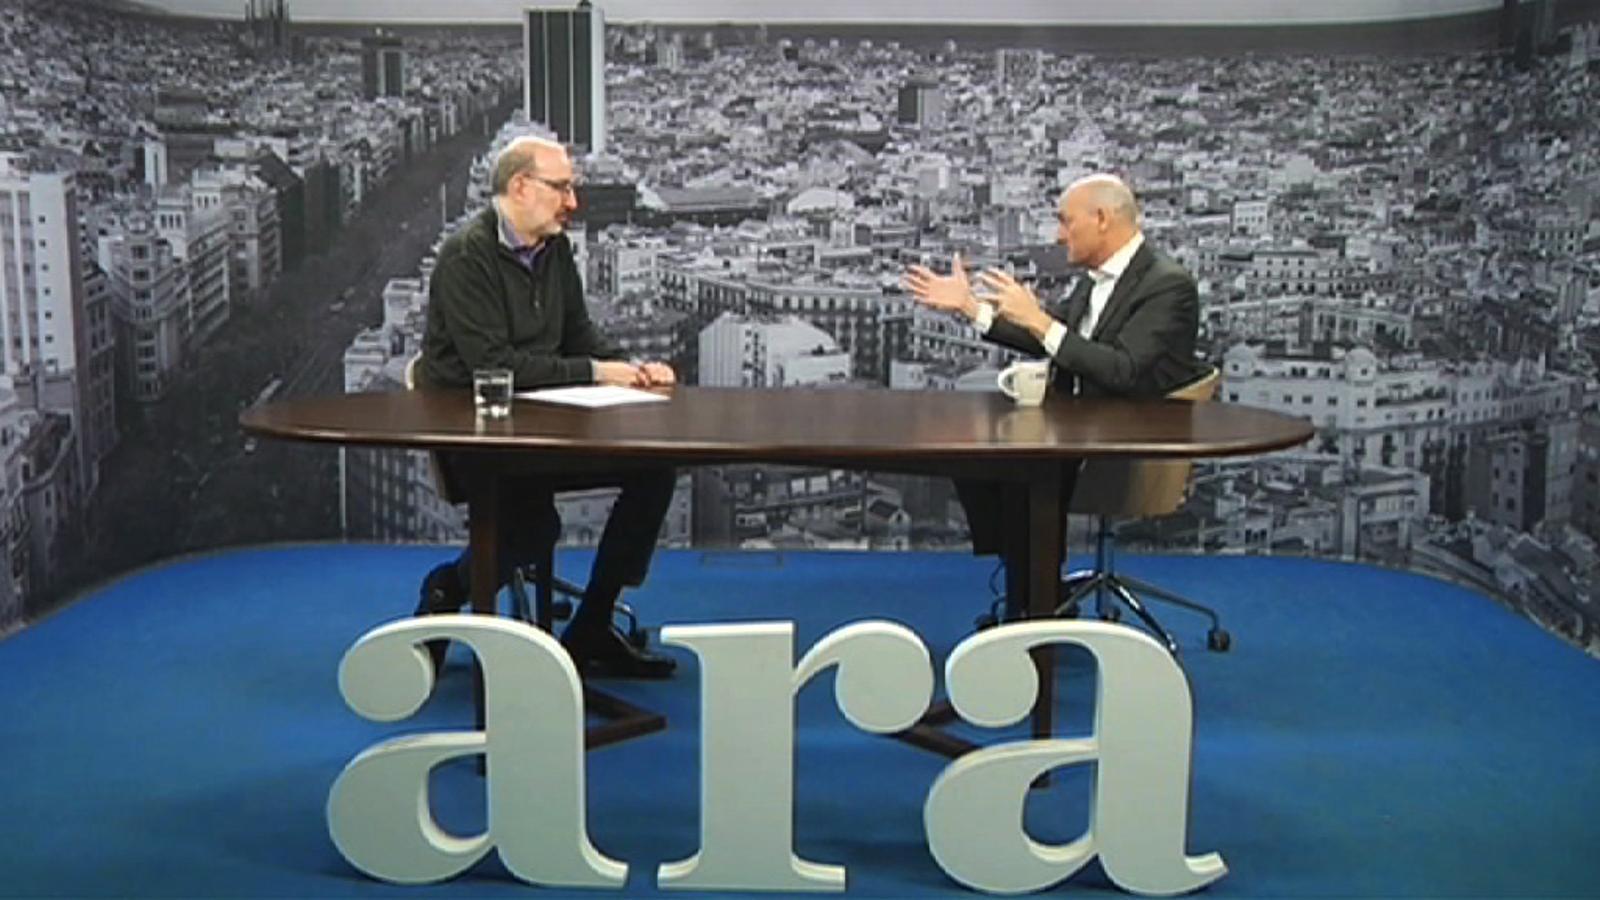 Entrevista d'Antoni Bassas a Lluís Torner